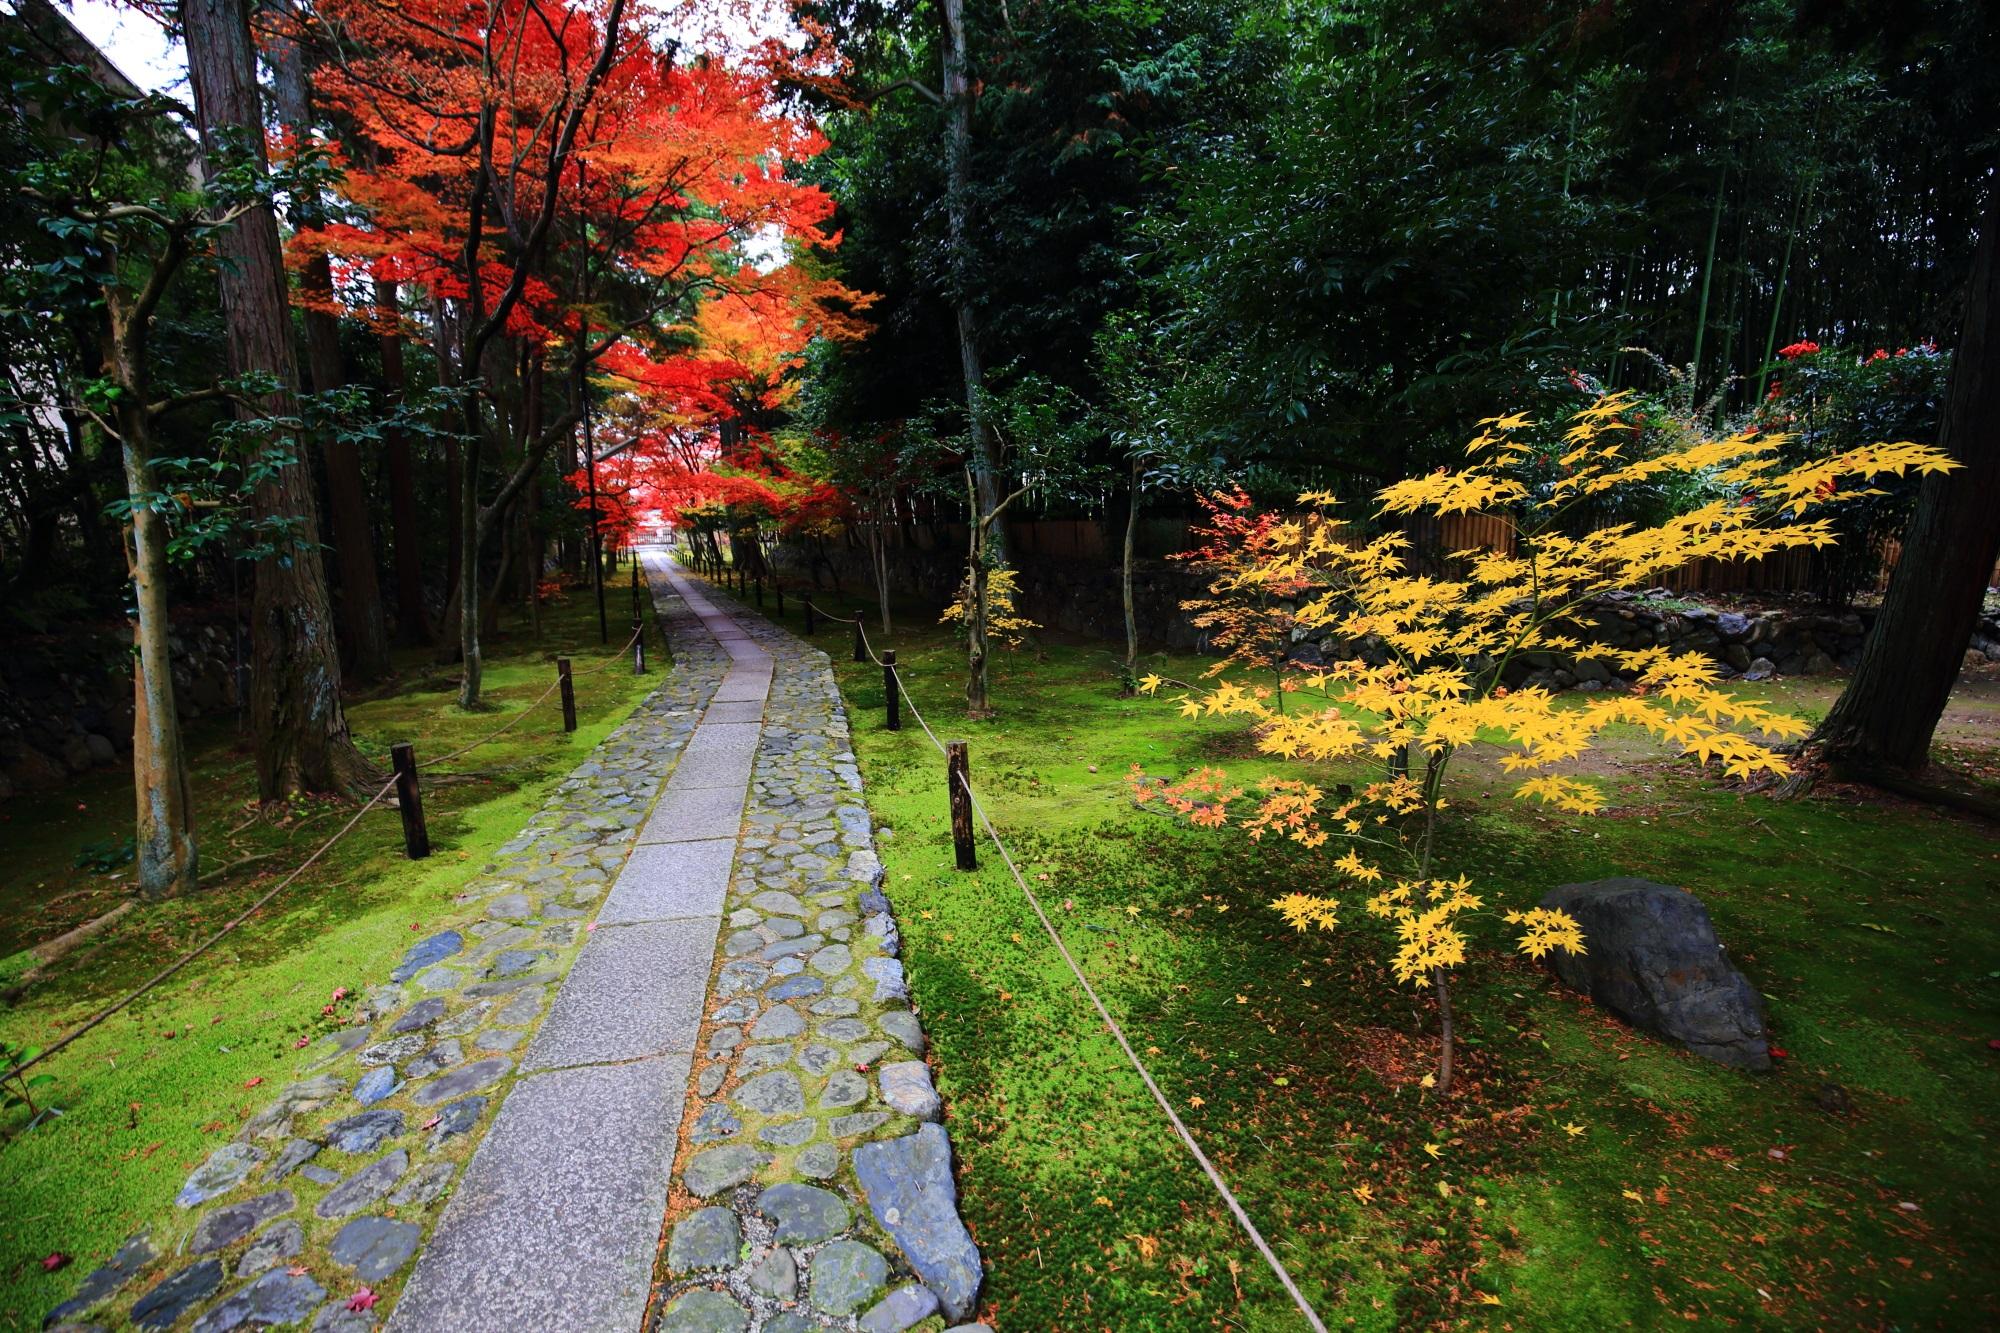 嵐山の鹿王院の参道の苔と見ごろの美しい紅葉